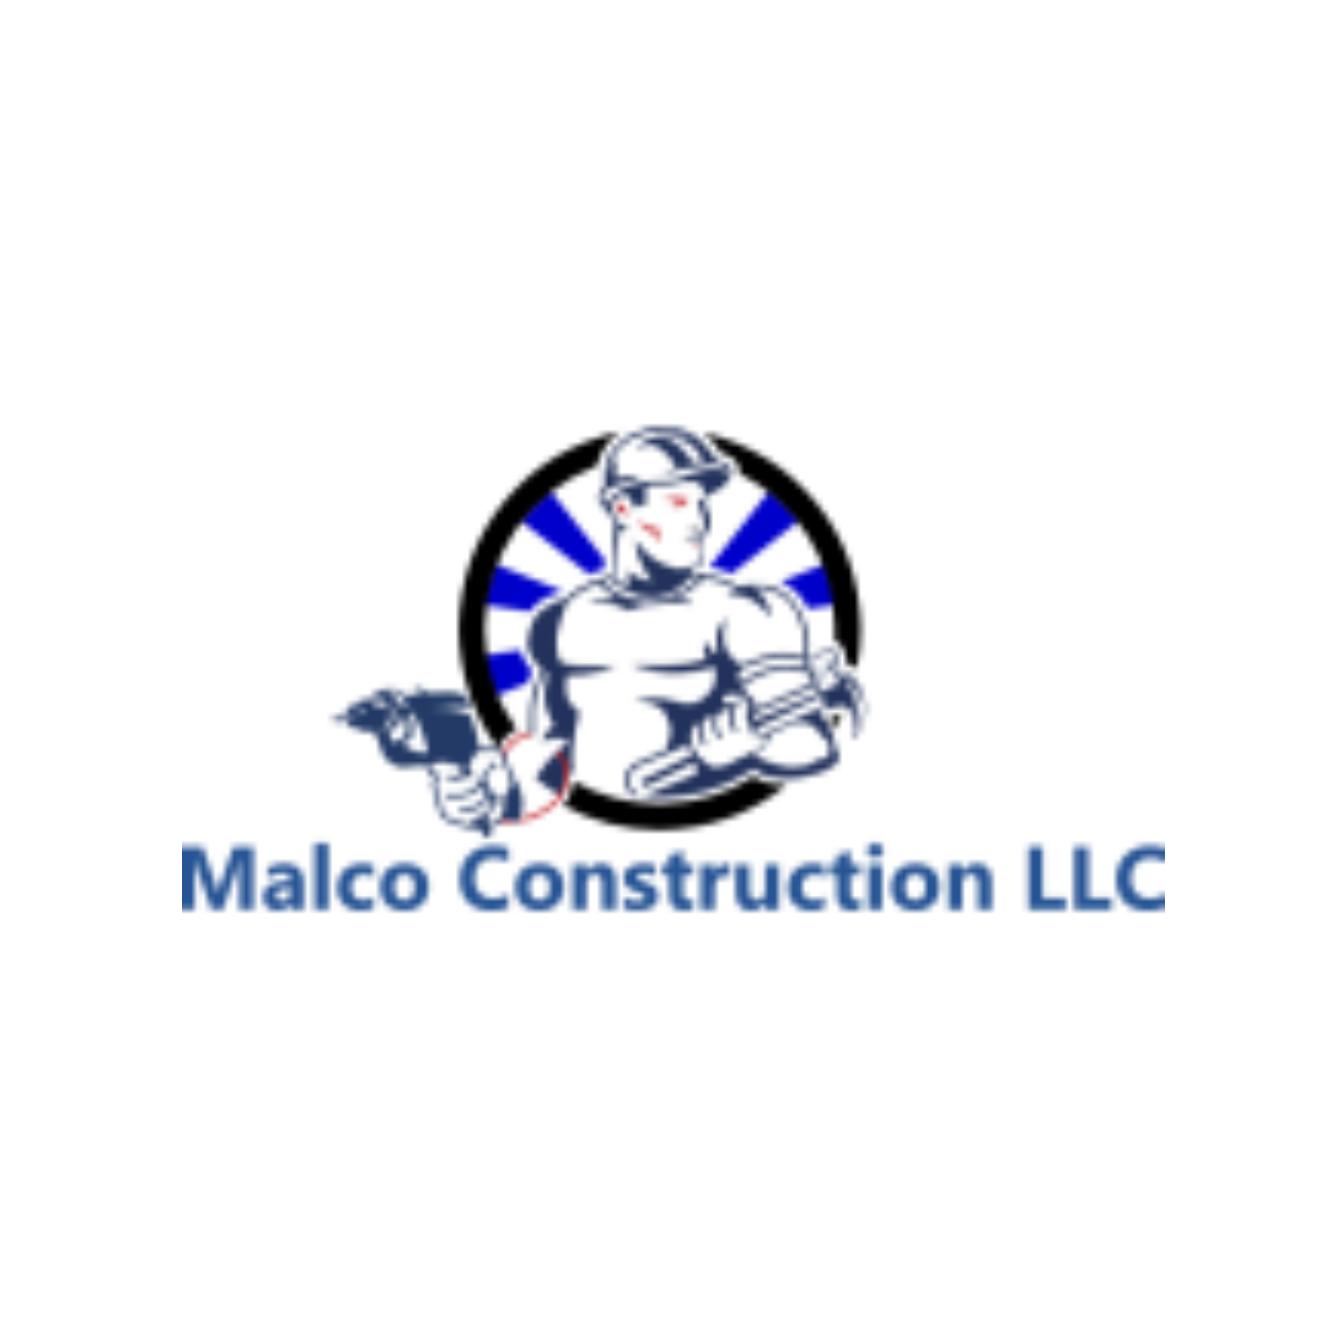 Malco Construction LLC image 0